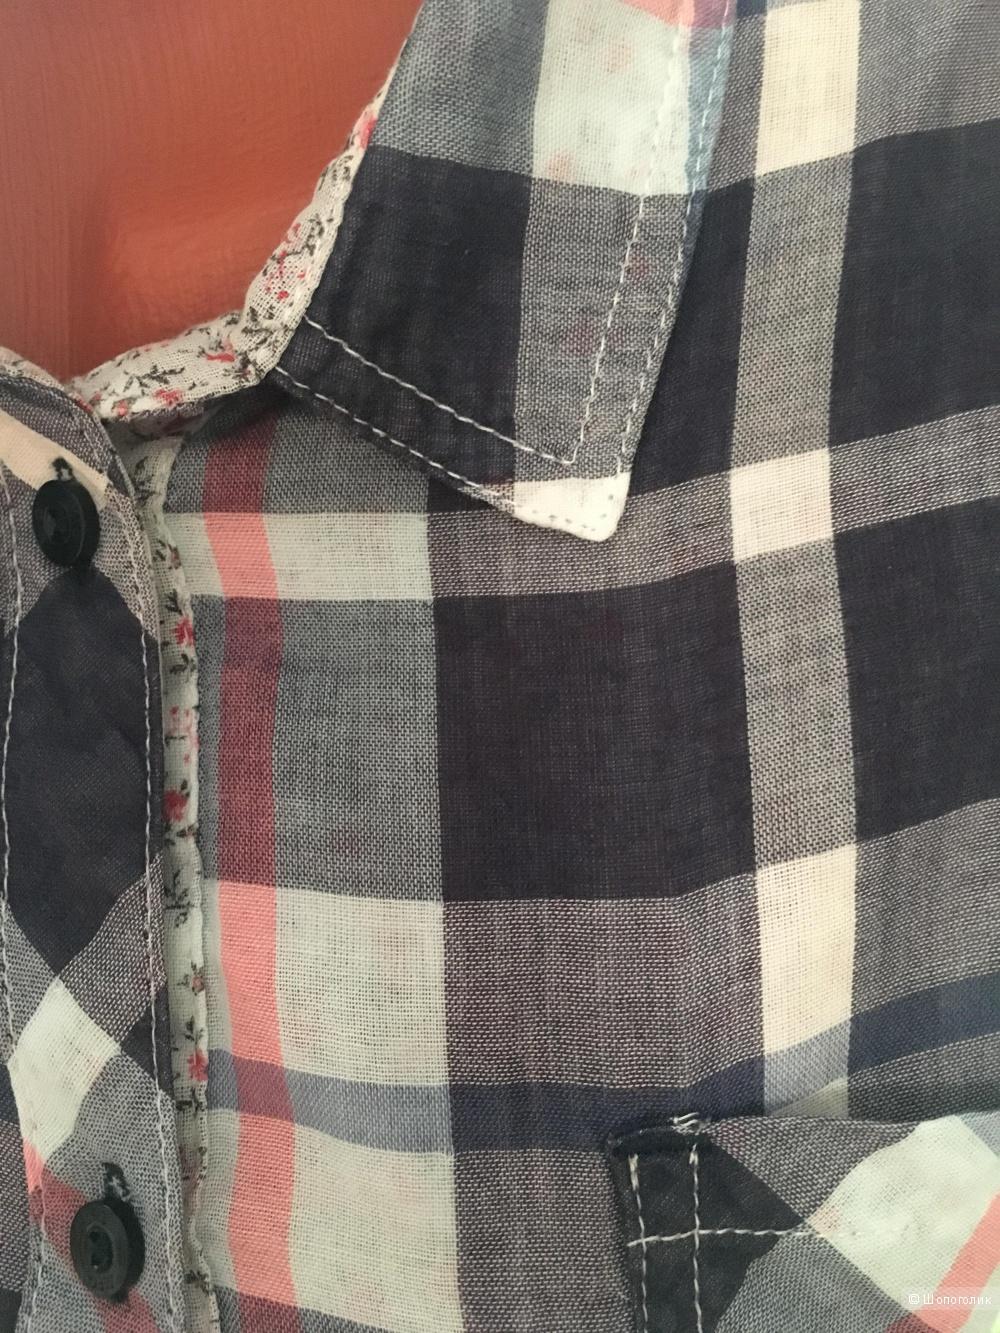 Сет рубашек Fil a fil Paris, 46 размер